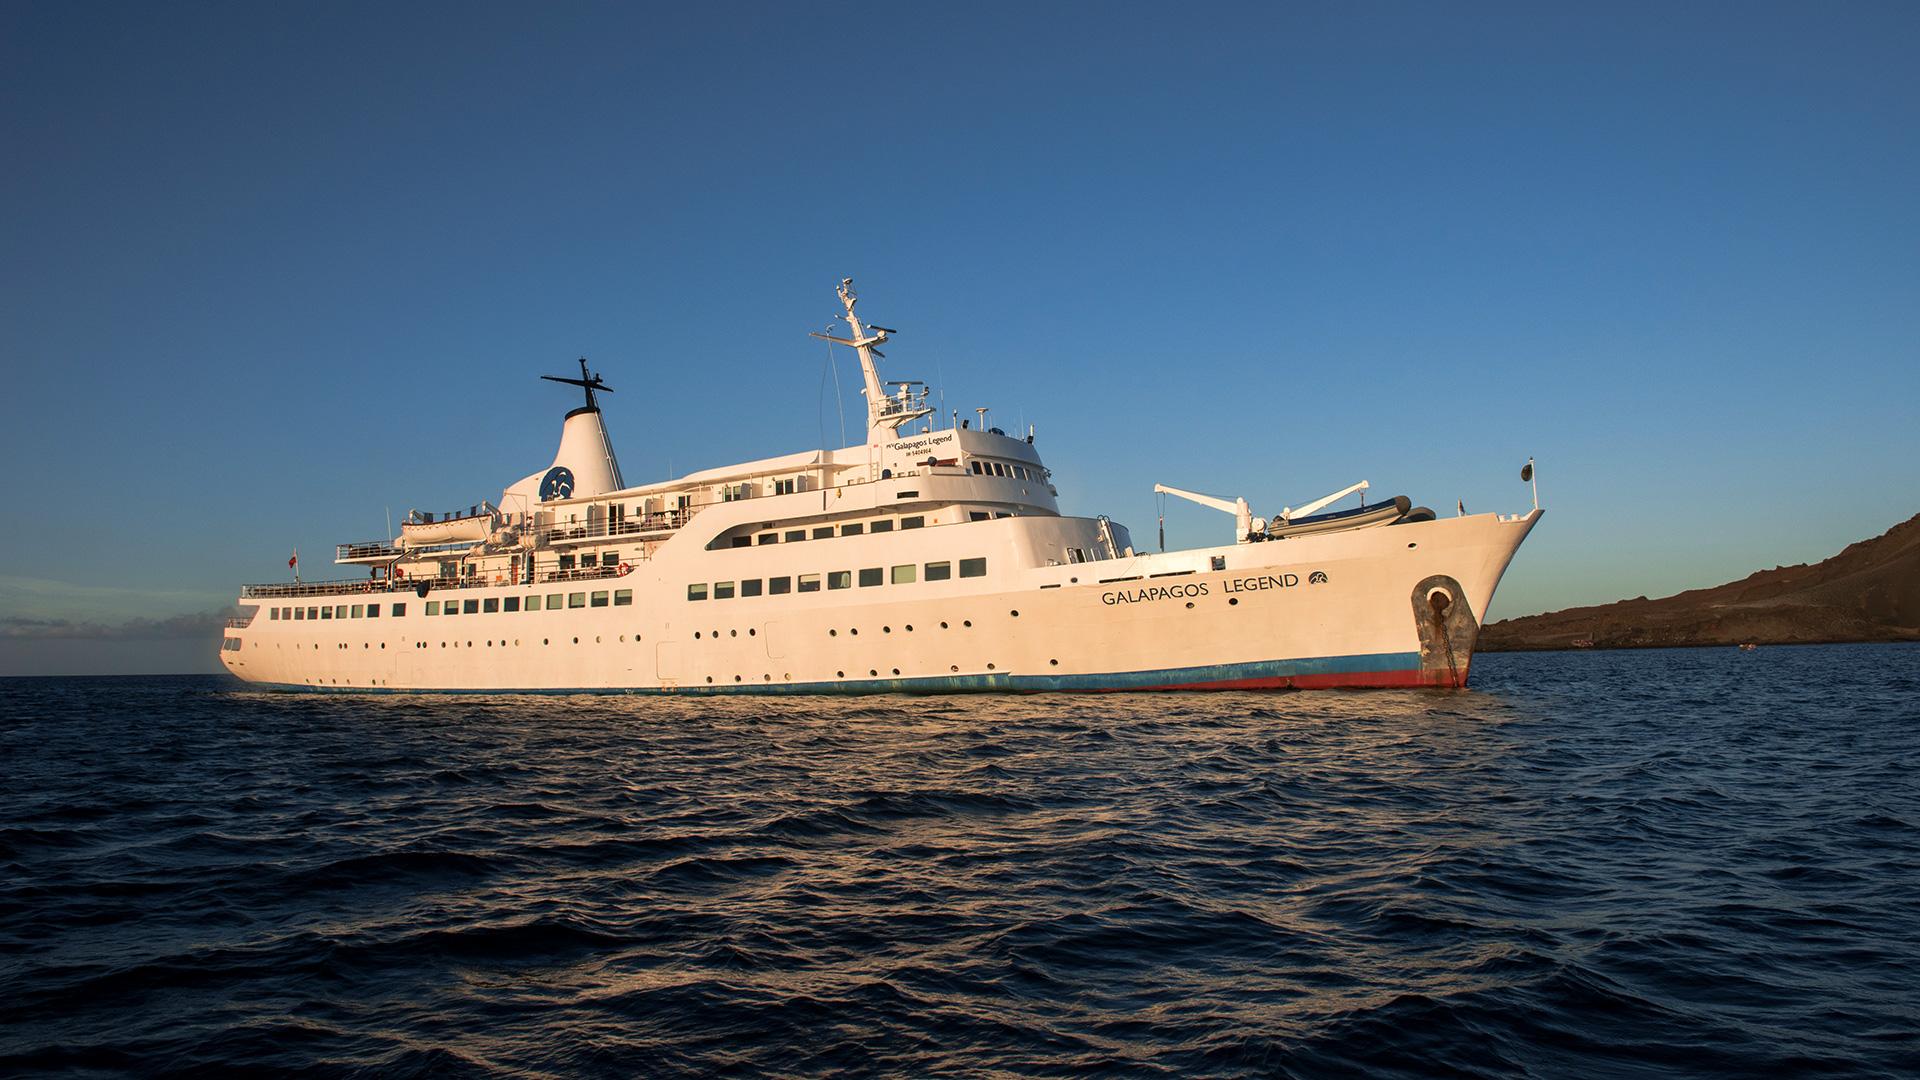 Galapagos Legend, galapagos cruise, luxury galapagos cruise, eco tours galapagos islands, small group tours galapagos islands, galapagos guided tours, touring the galapagos, galapagos island tours price, galapagos islands land tours, galapagos local tours